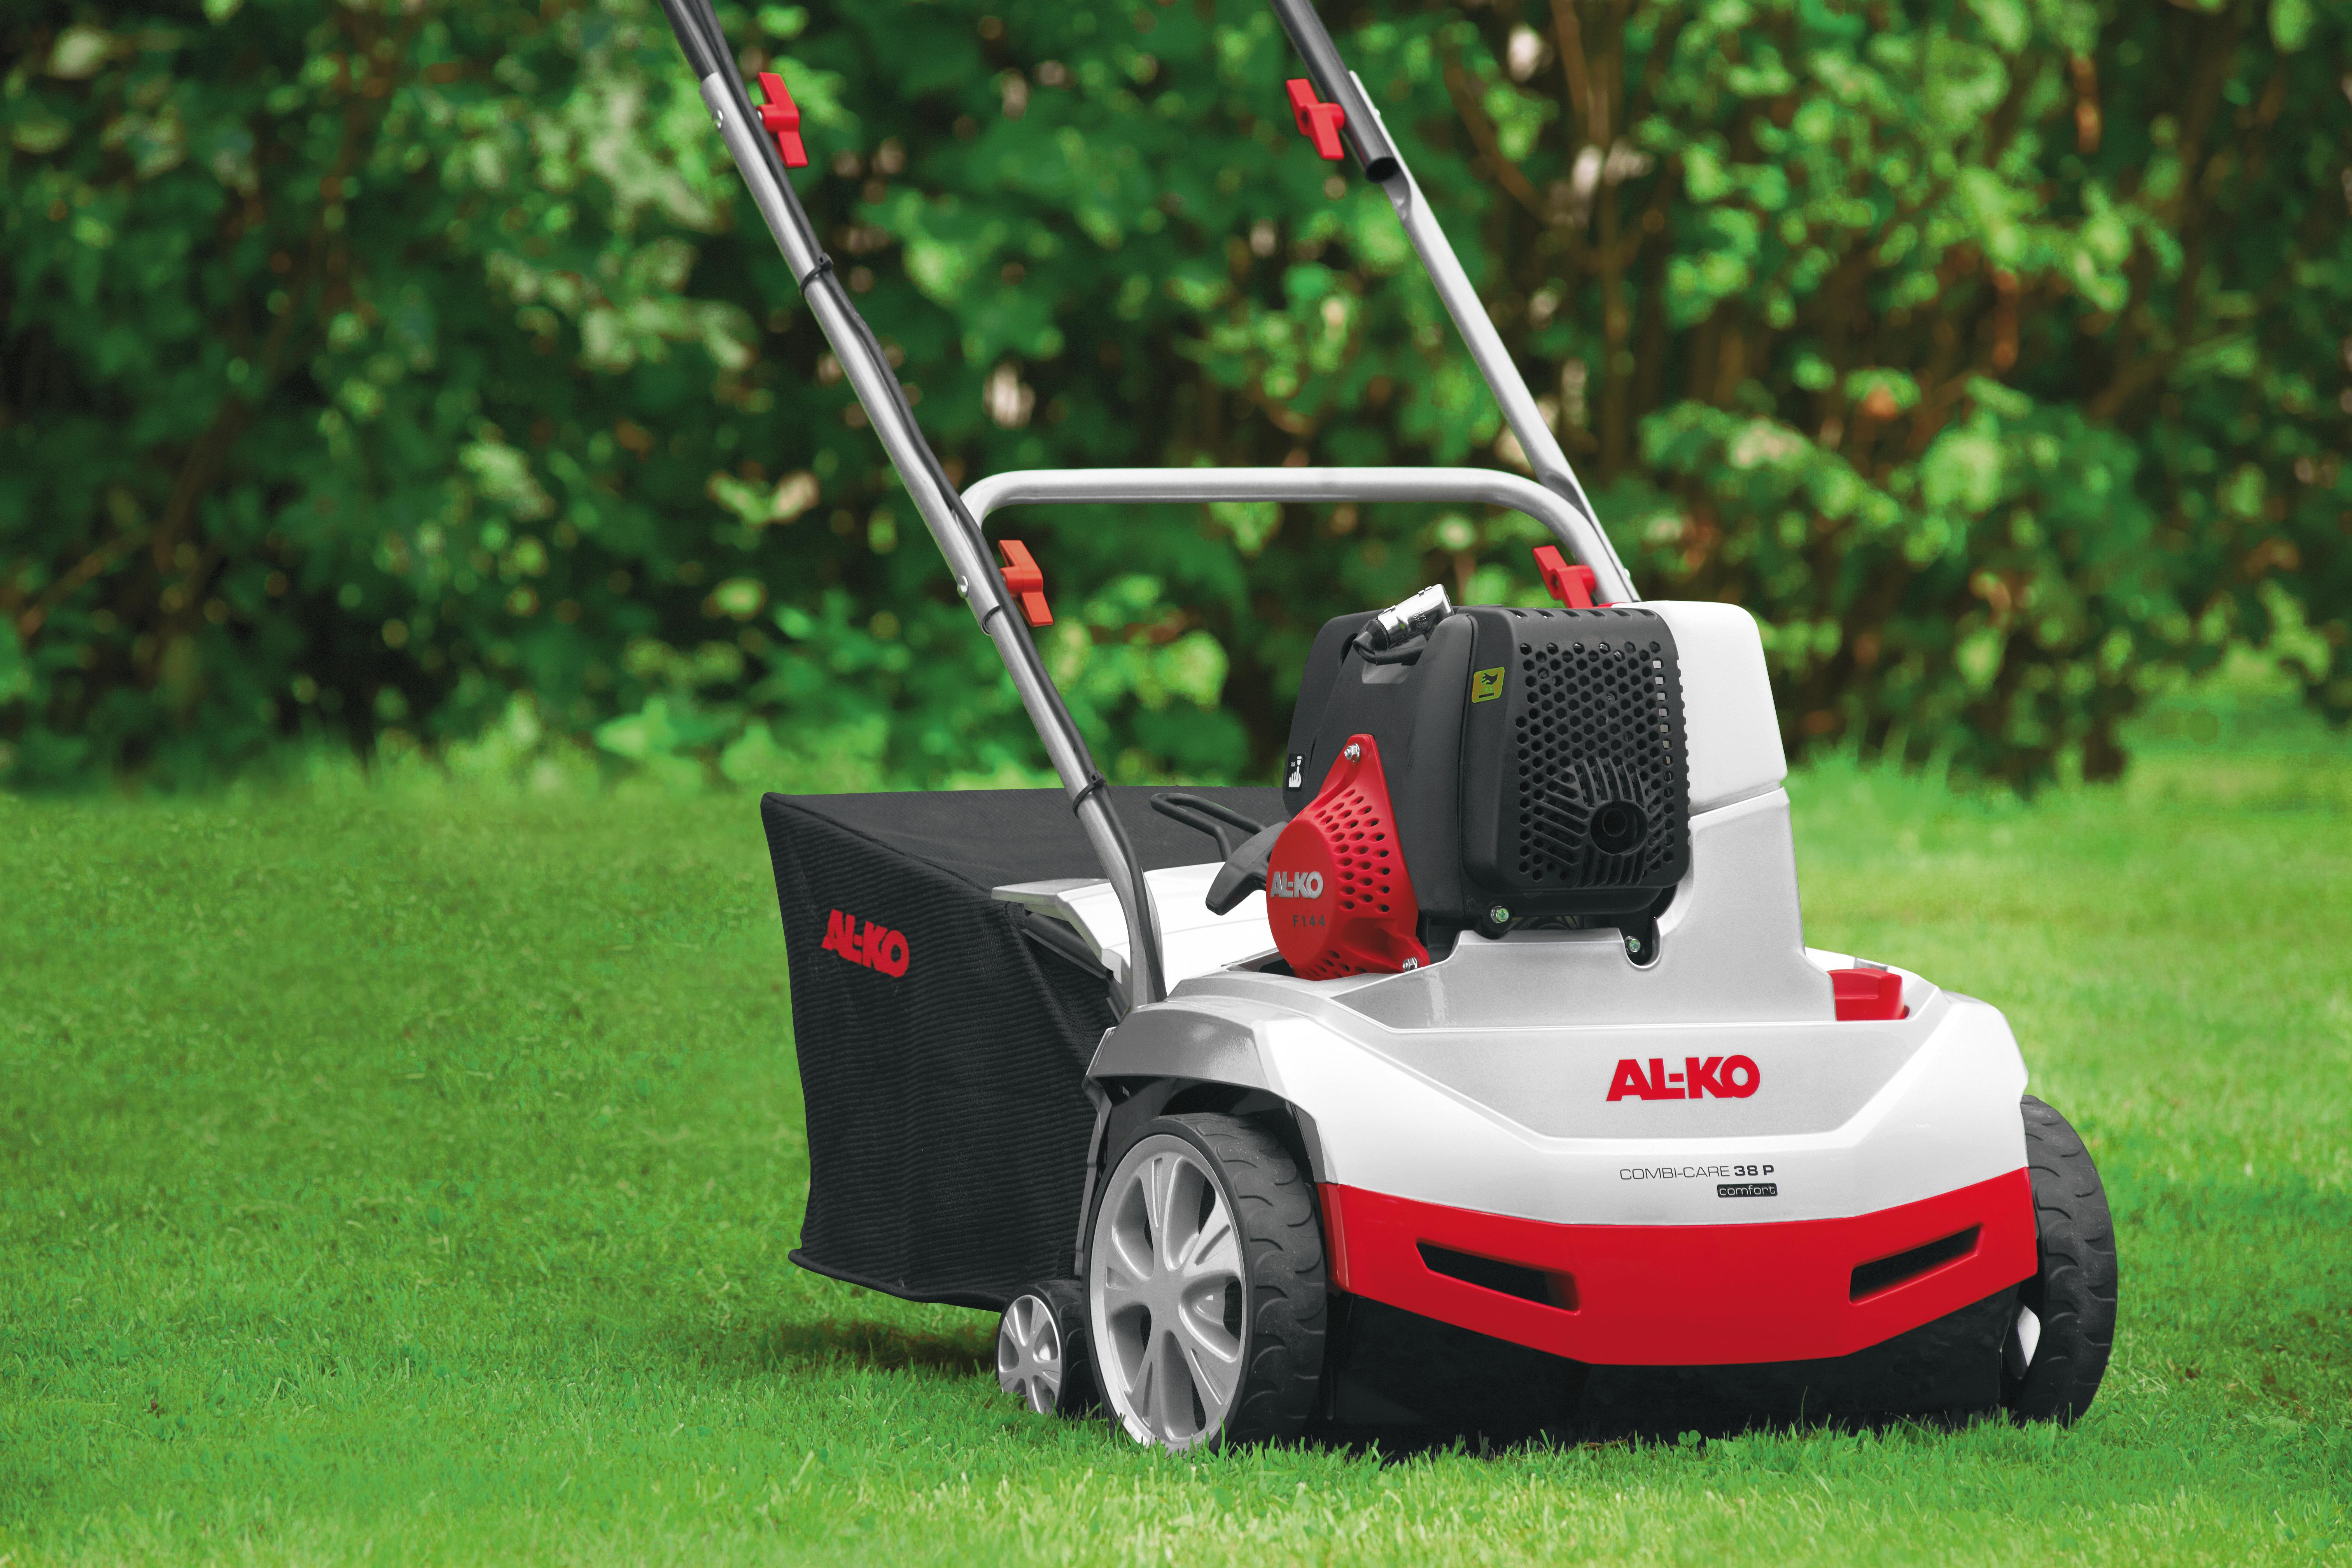 Бензиновый скарификатор Al-ko Comfort 38 p combi care от 220 Вольт